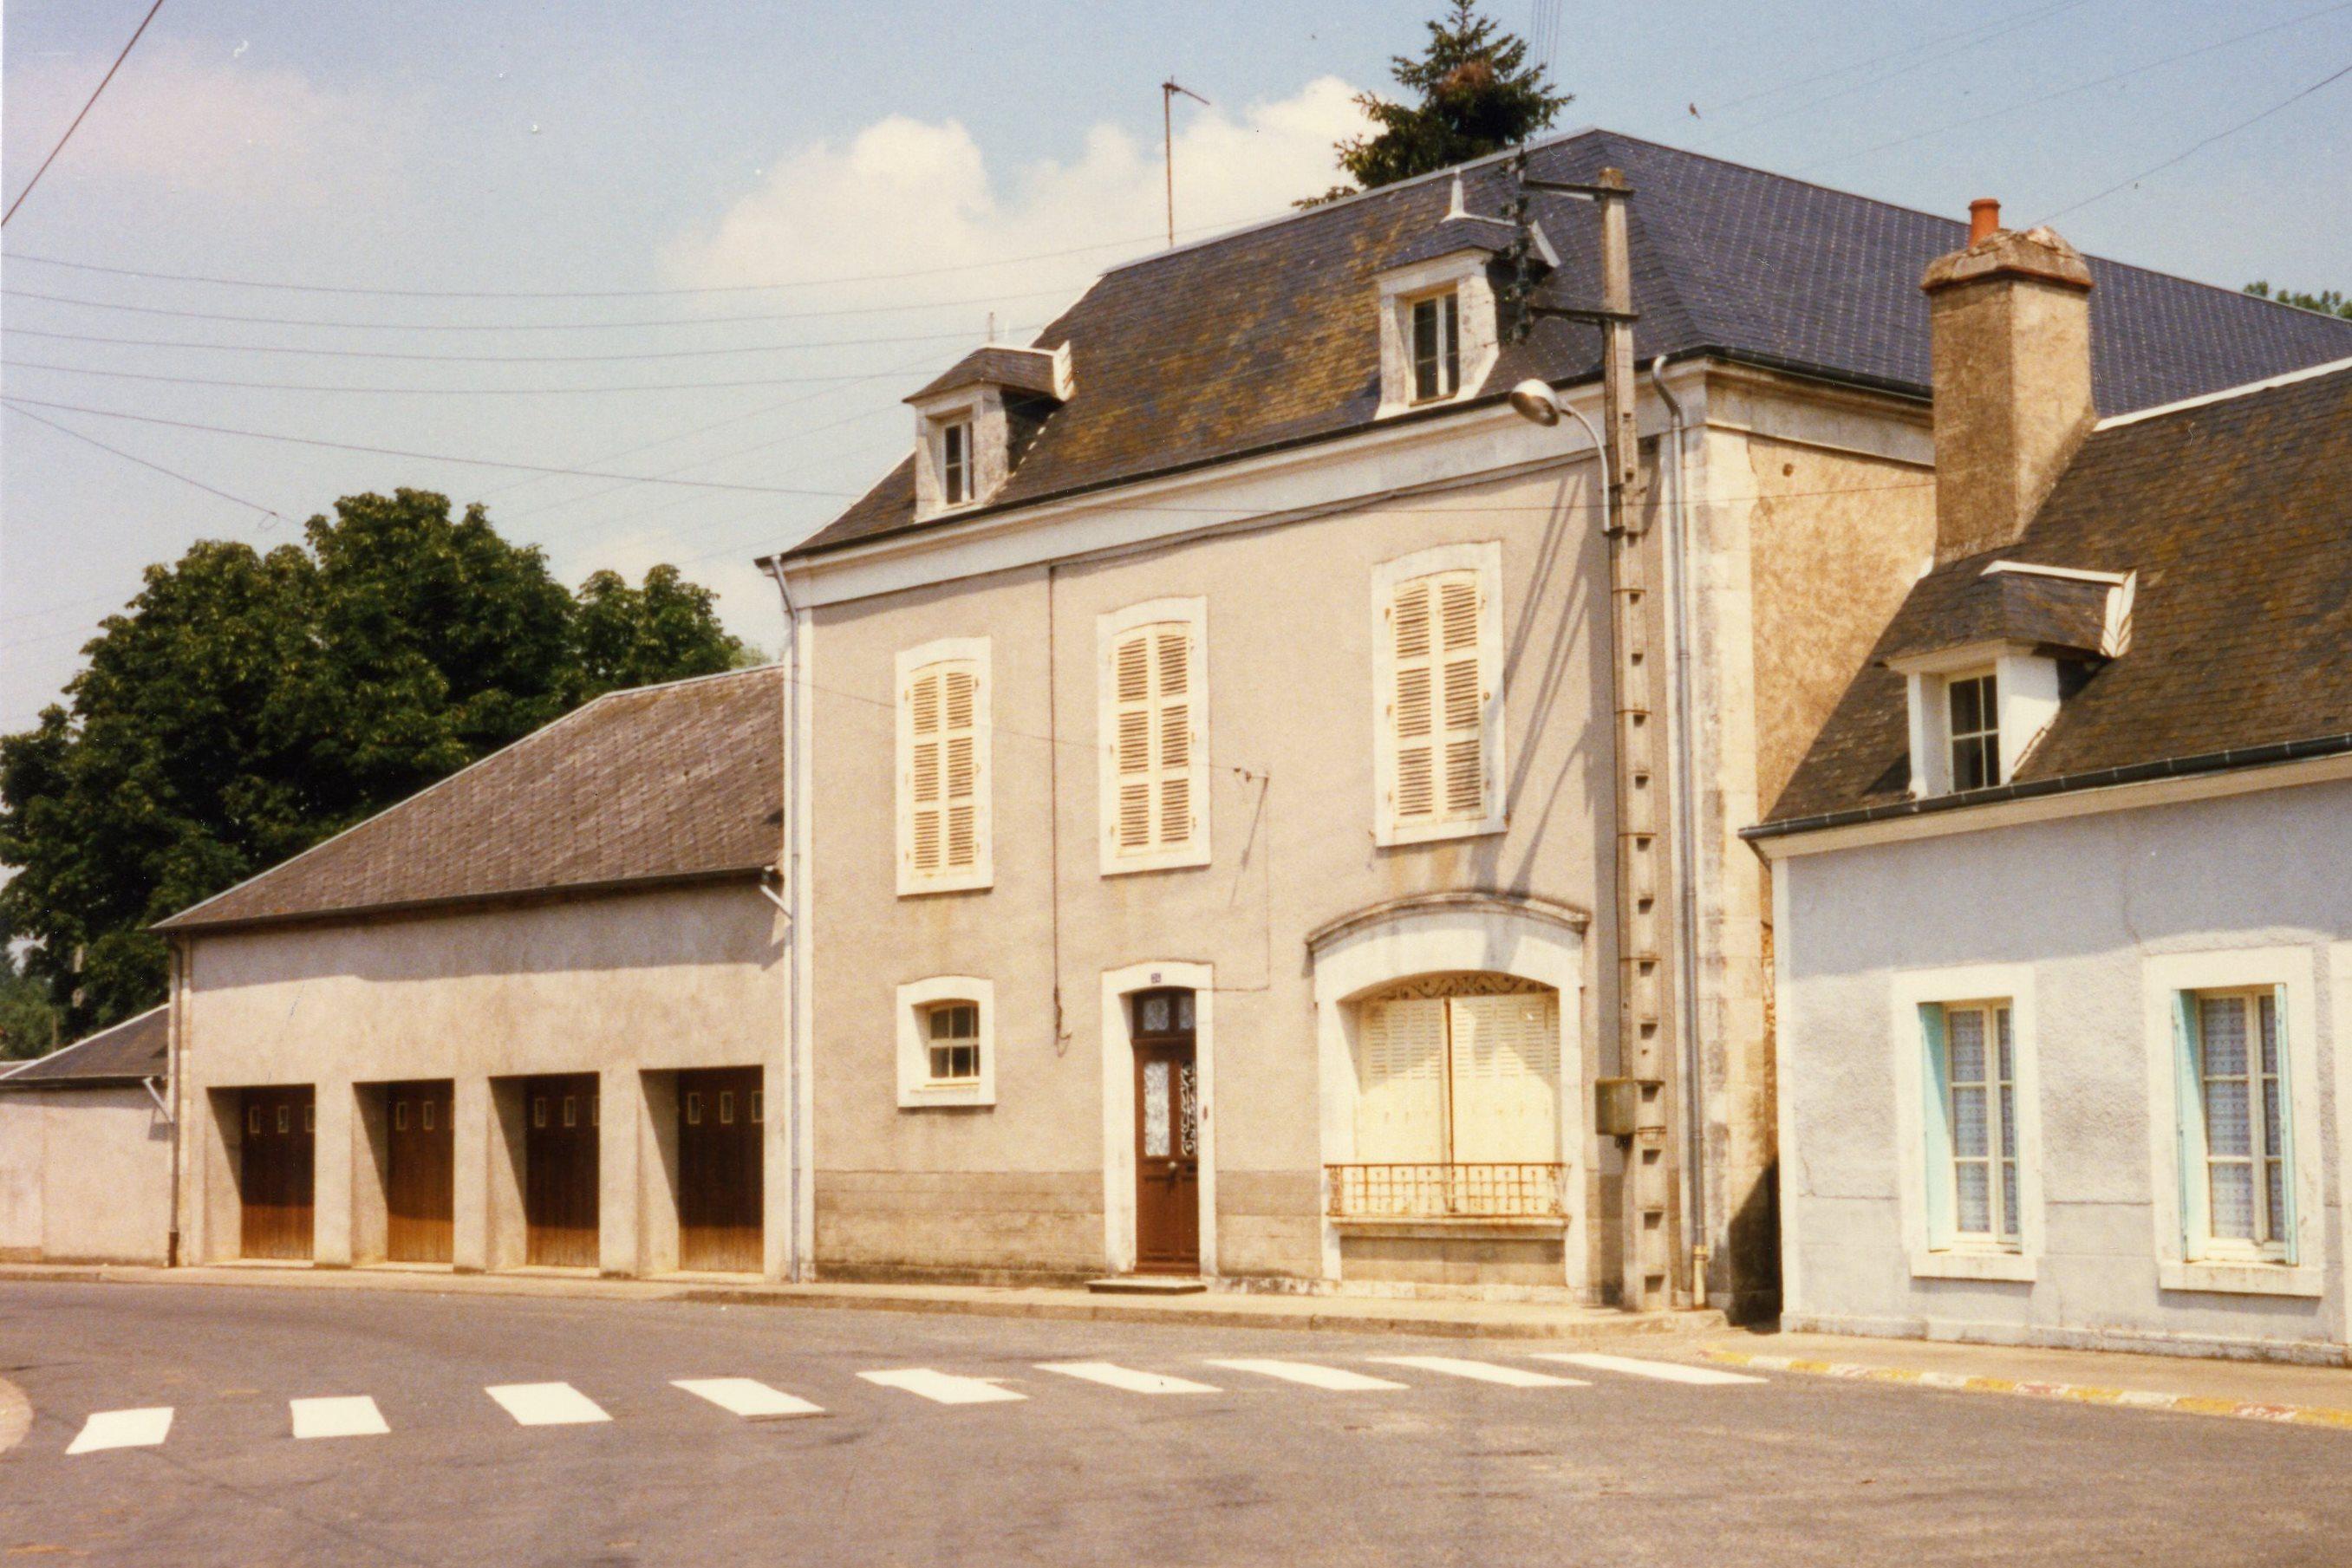 La maison ZANOTTE, photographiée le 05/07/1987 par Claude ROGER. A gauche, les quatre garages sont construits à l'emplacement de l'ancienne filature, incendiée en 1965.